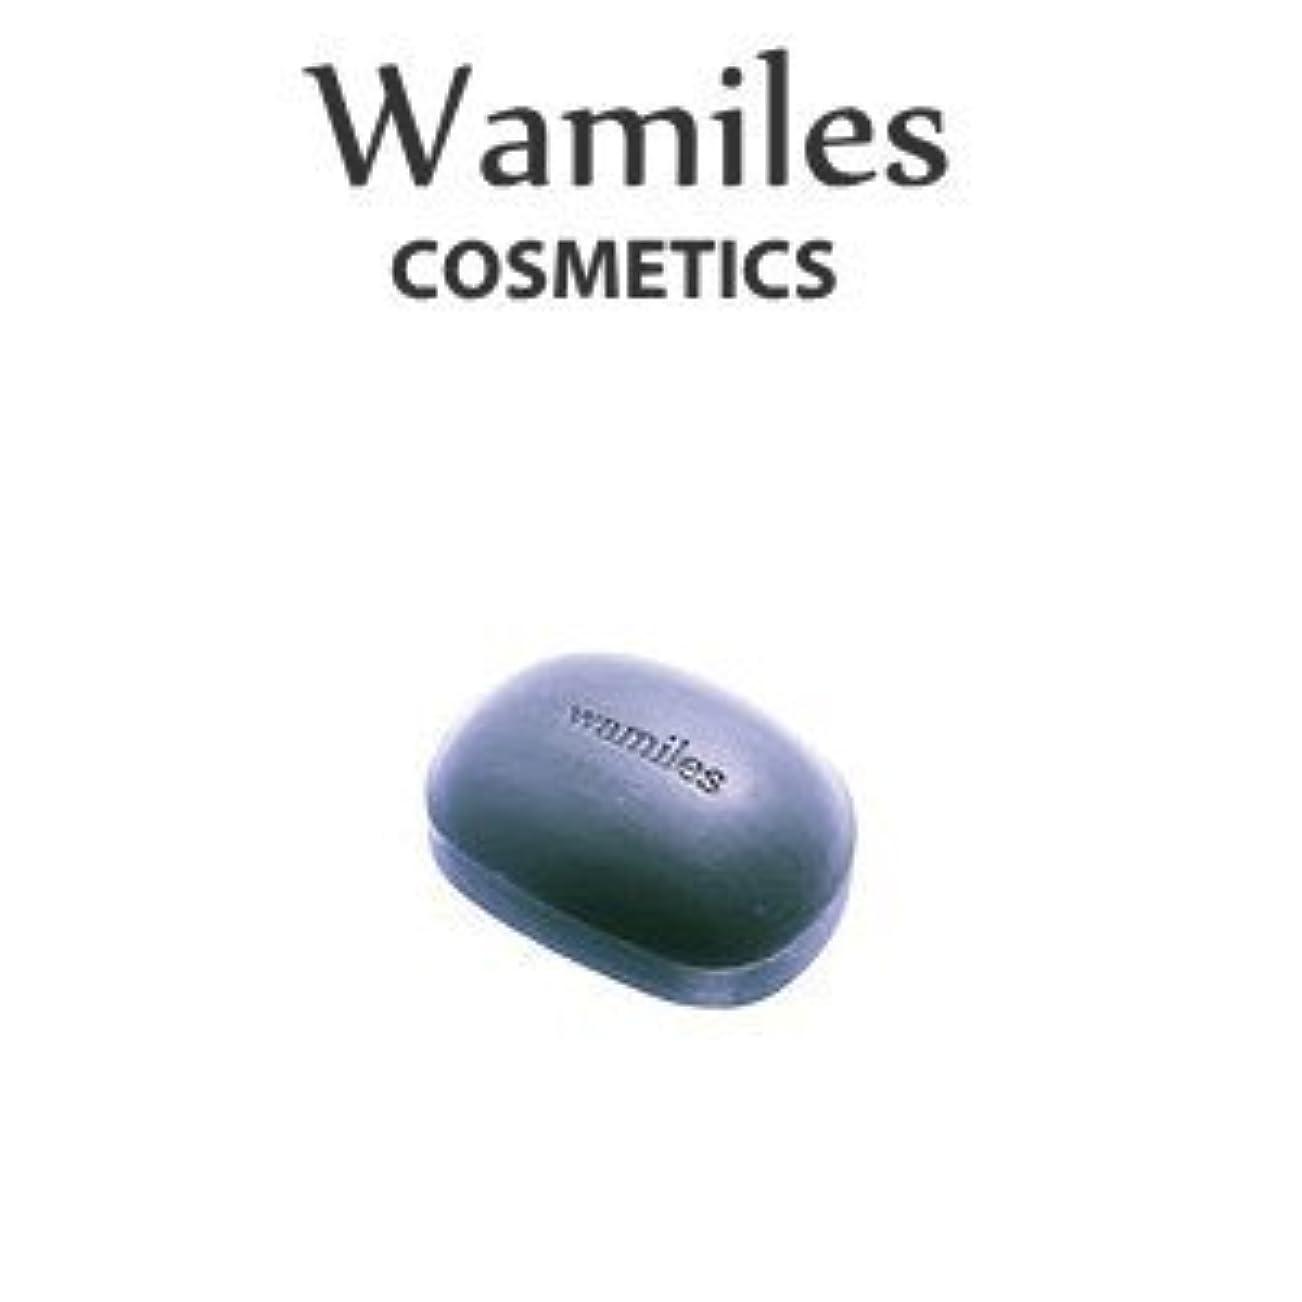 スキムアクティブ持続的wamiles/ワミレス ベーシックライン イオンヌ クレイソープ 100g